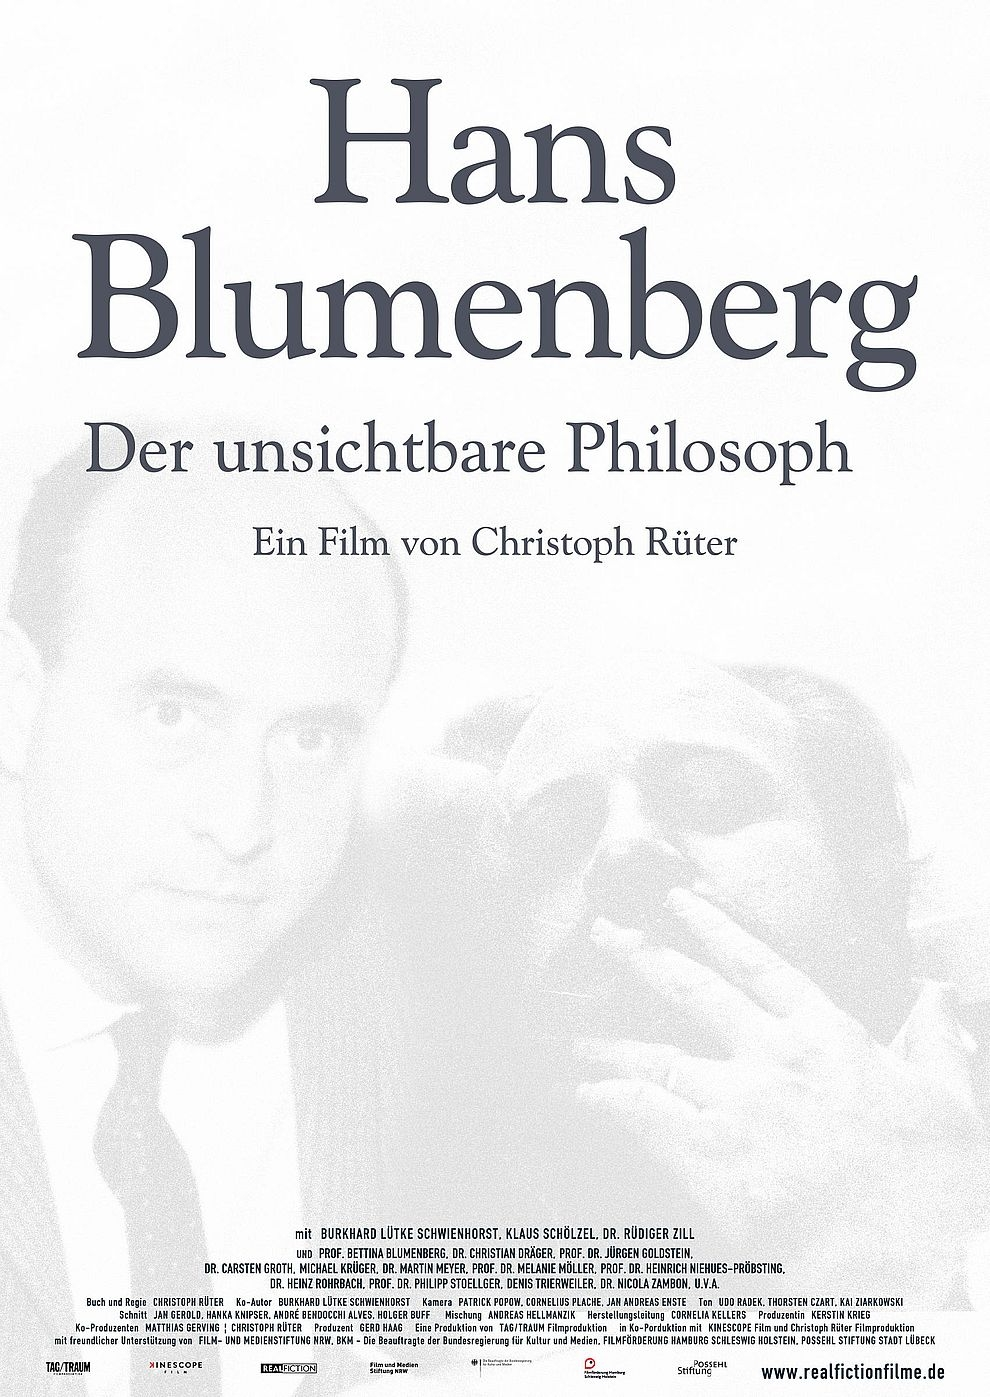 Hans Blumenberg - Der unsichtbare Philosoph (Poster)